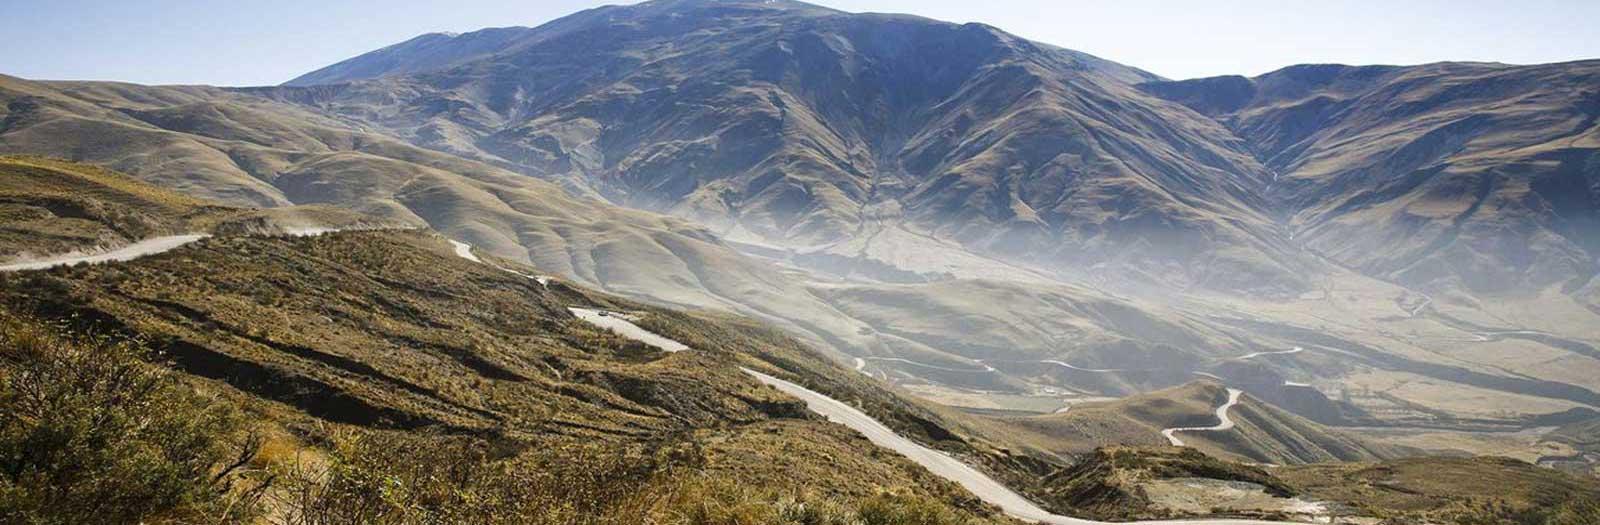 Cuesta del Obispo, Cachi, Salta